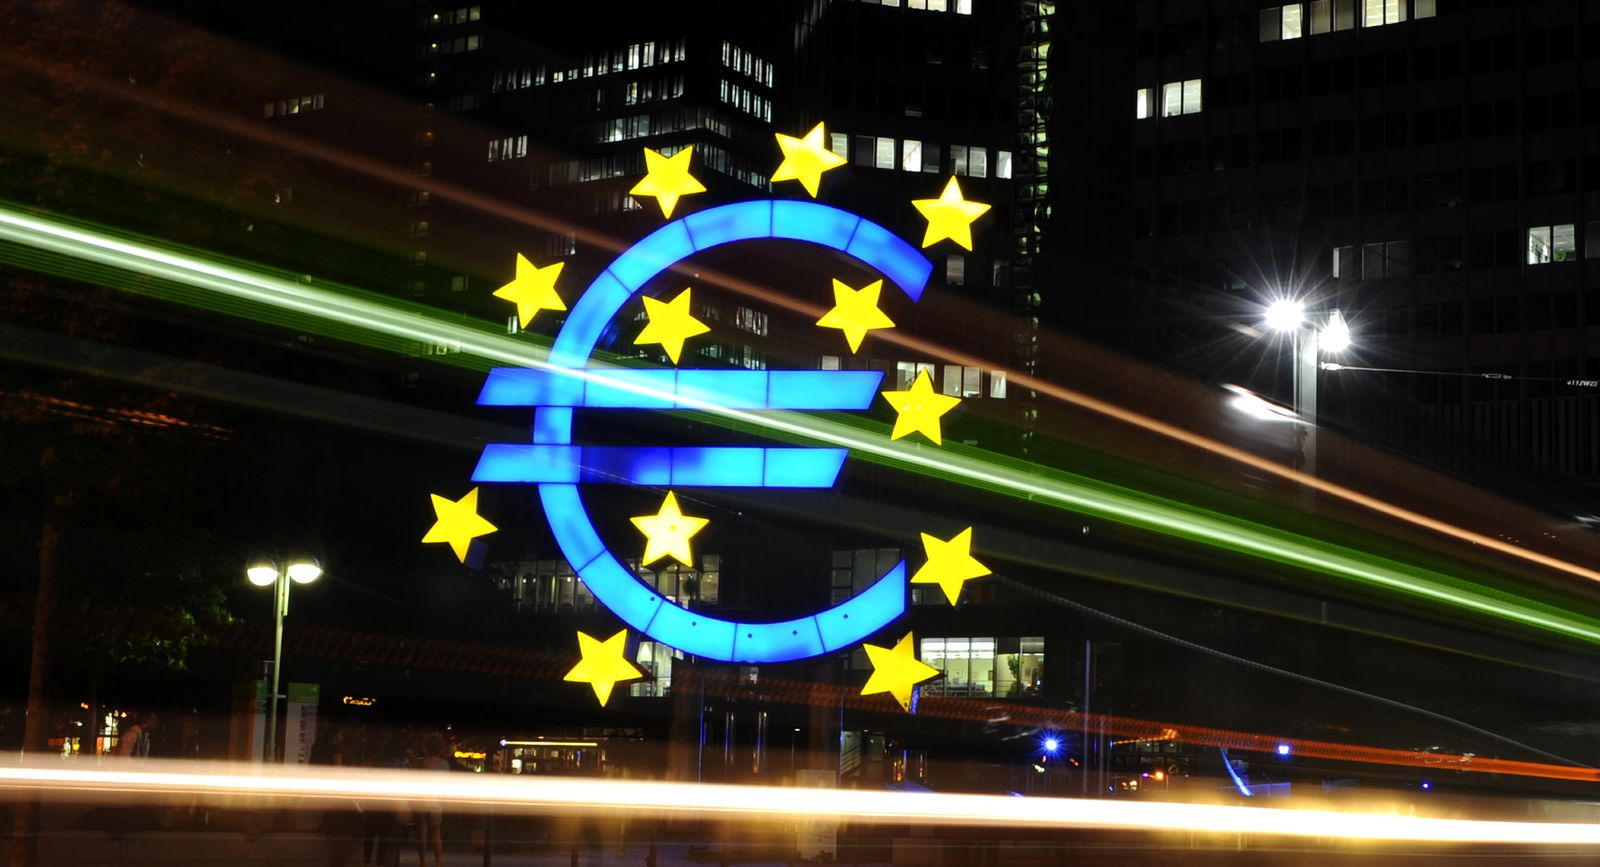 NICHT VERWENDEN Europa / Finanzkrise / EZB / Zinsen / Euro